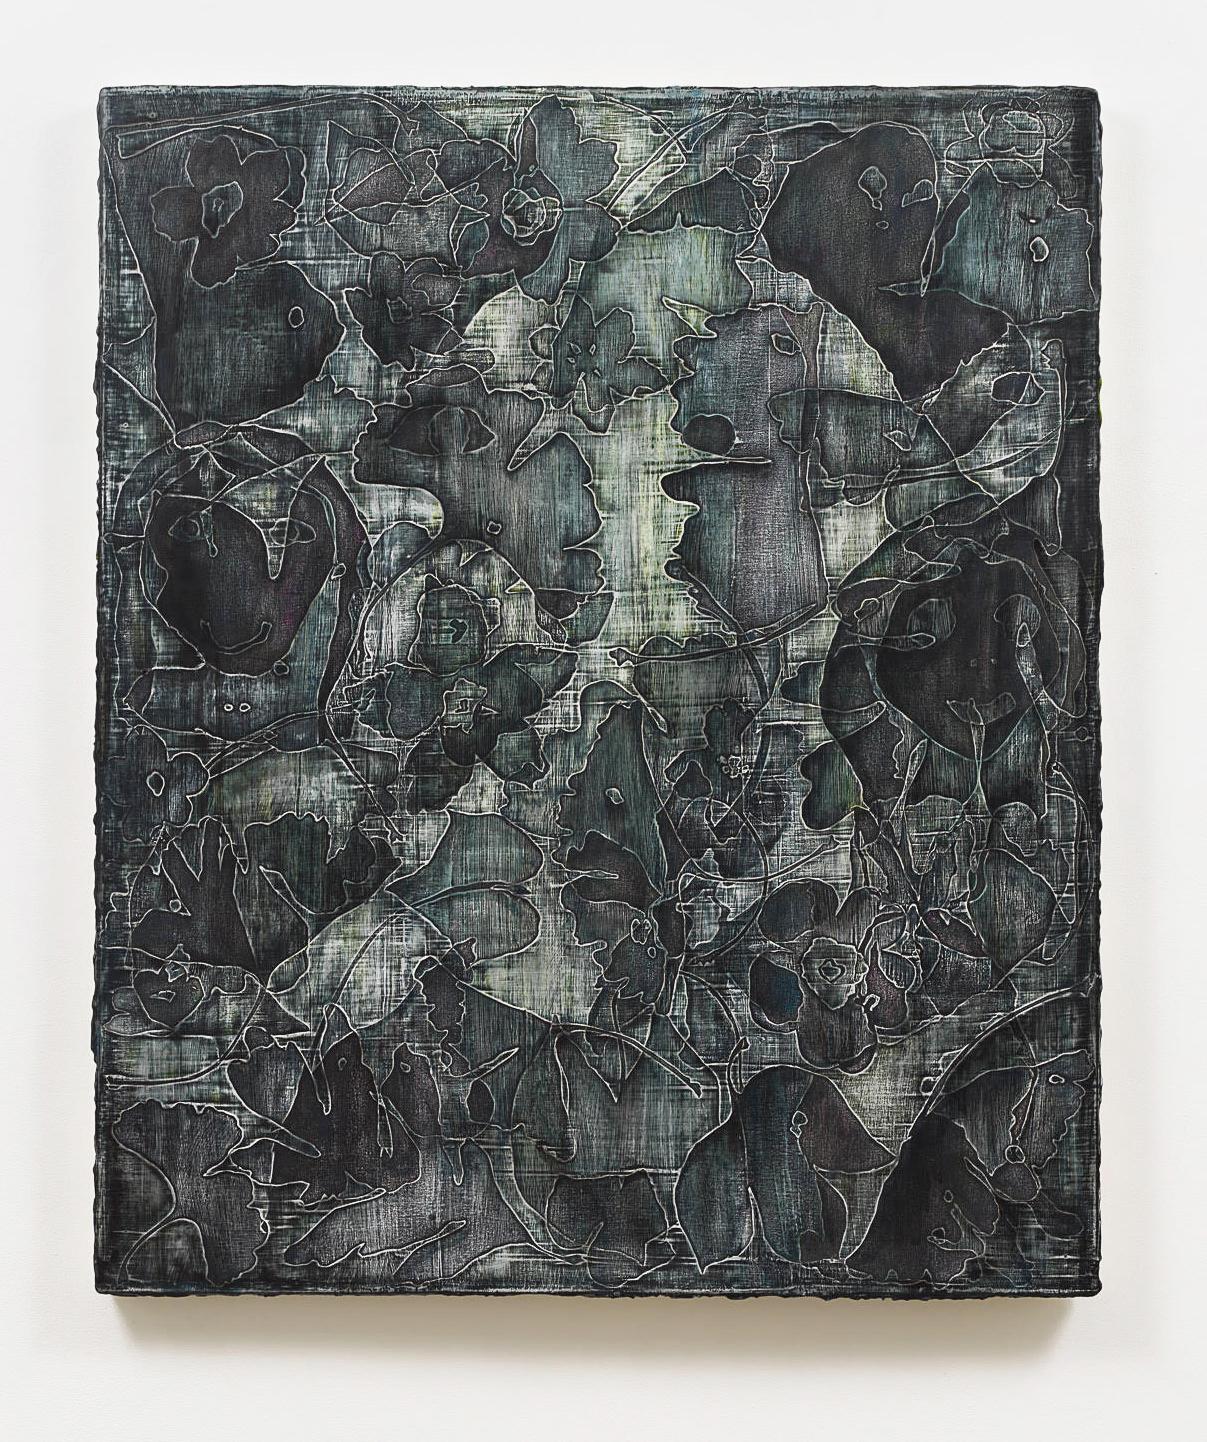 Jeremy Stenger, Untitled, 2018